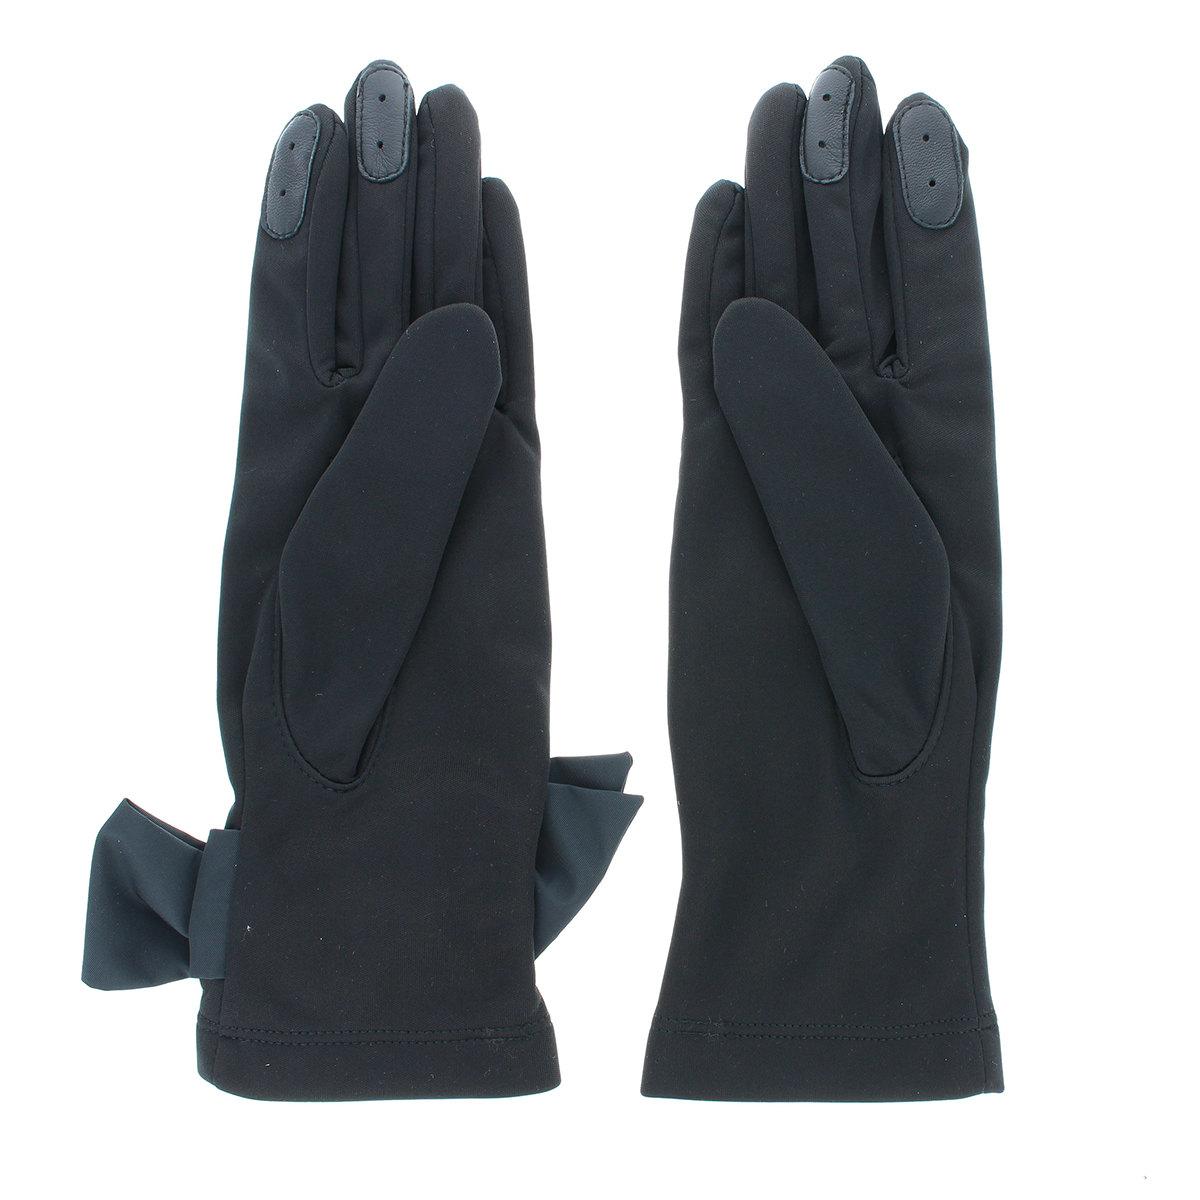 防風加工 ジャージ 手袋 タッチパネル対応 スマホが使える BIYUTE